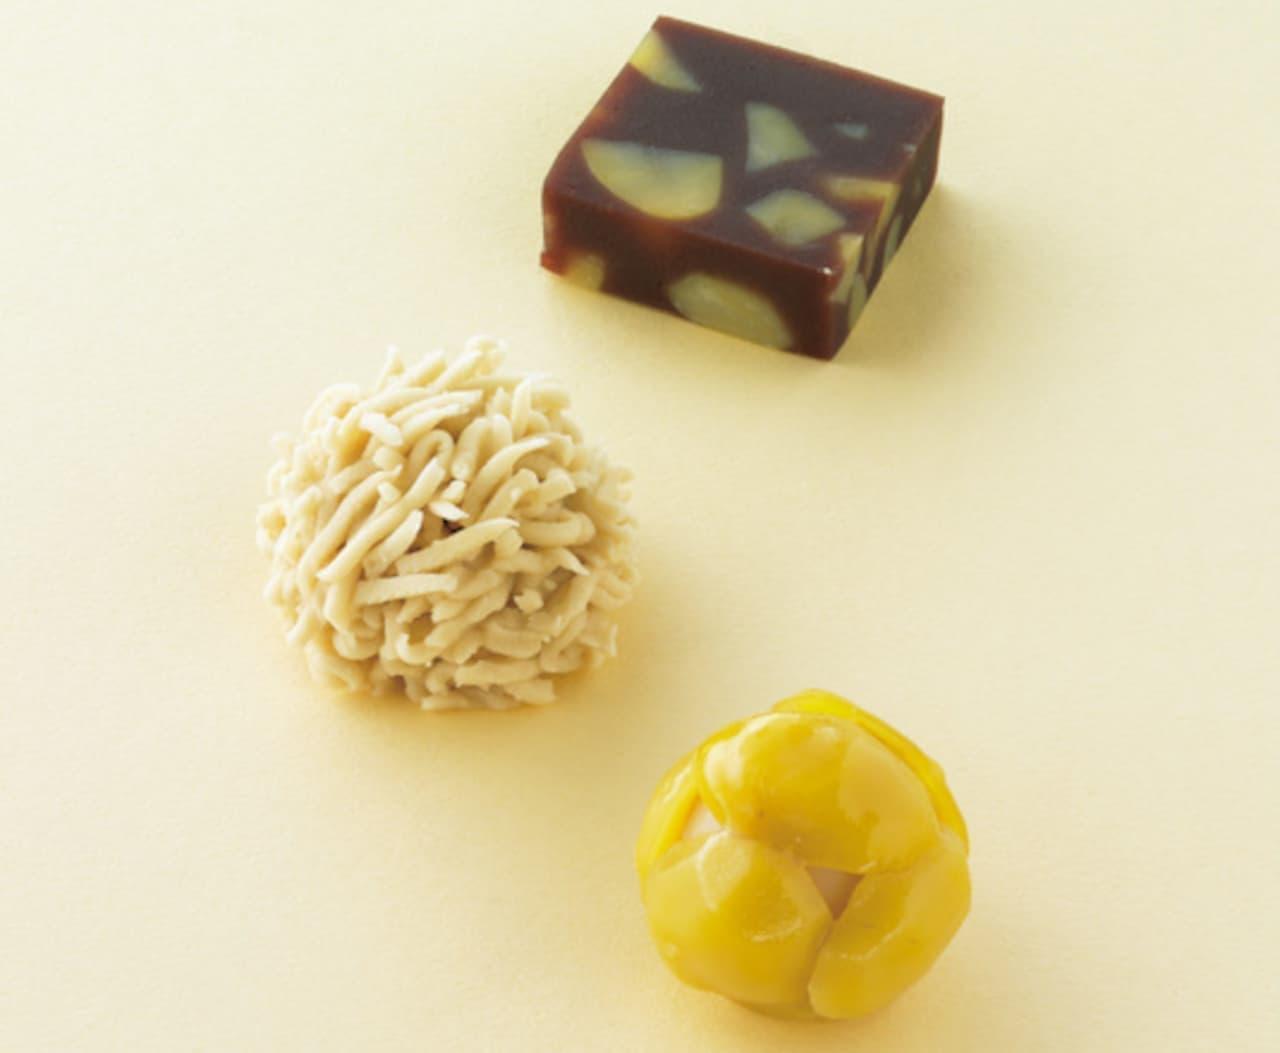 とらや「栗蒸羊羹」「栗粉餅」「栗鹿の子」栗生菓子3種